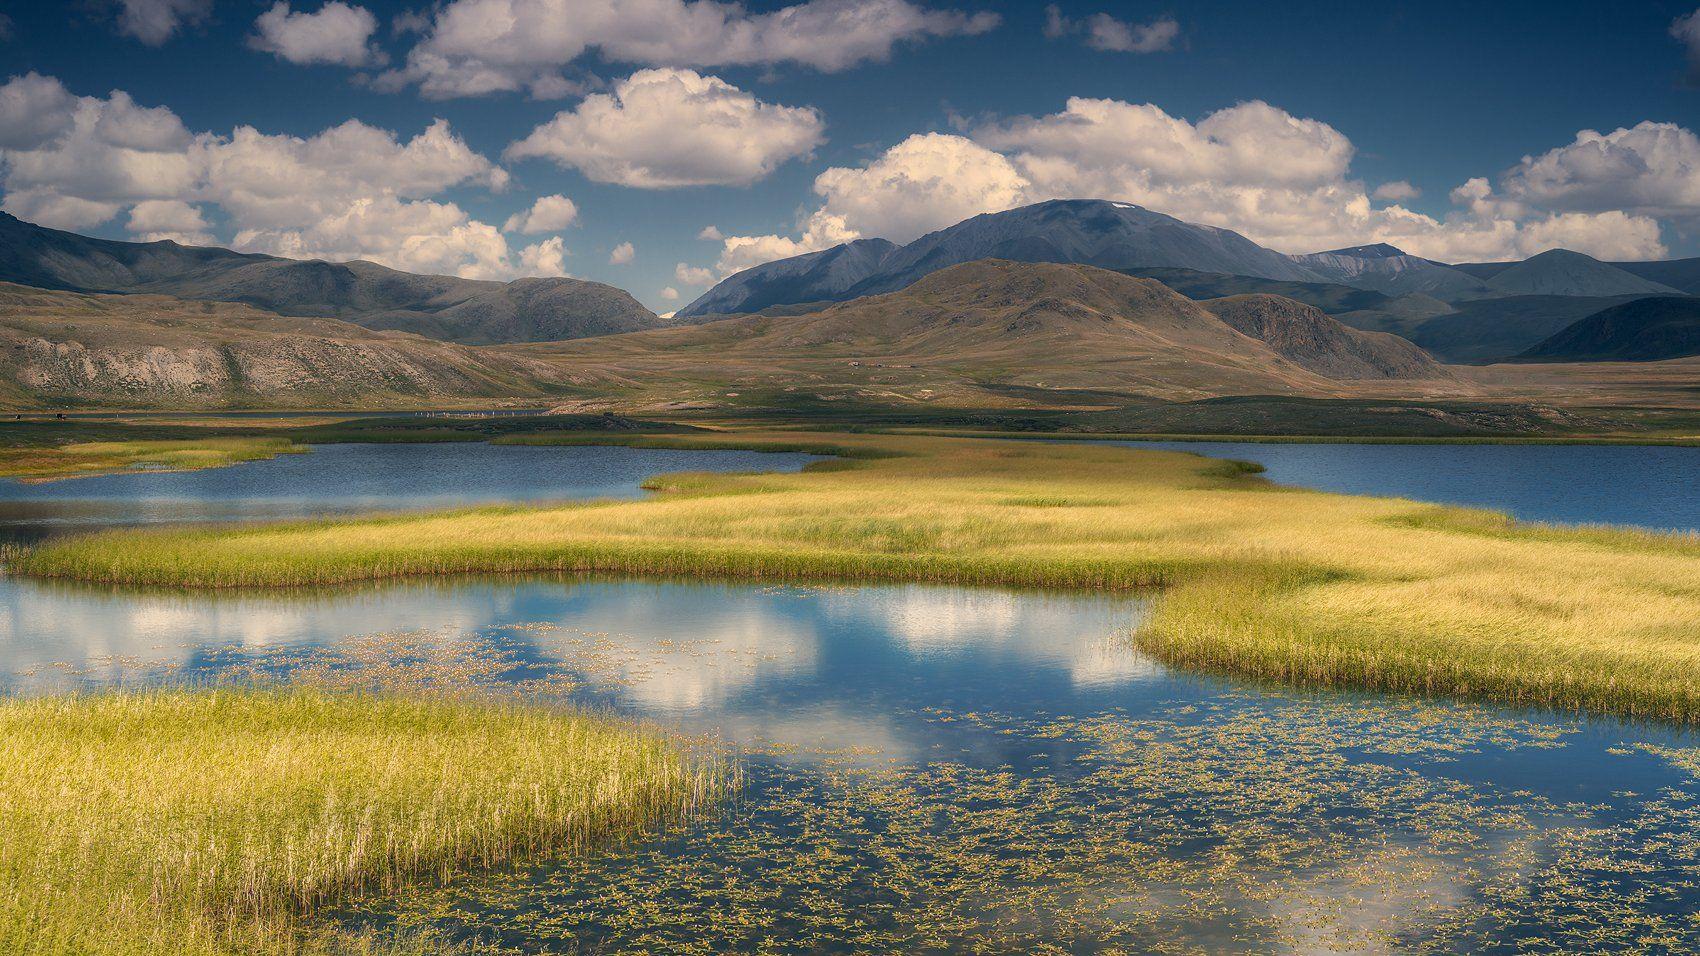 пейзаж, панорама, горы, озеро, алтай, сибирь, природа, путешествия, буйлюкем, ряска, трава, небо, облака, отражения, панорама, путешествия, большой, красивая, Антипов Дмитрий